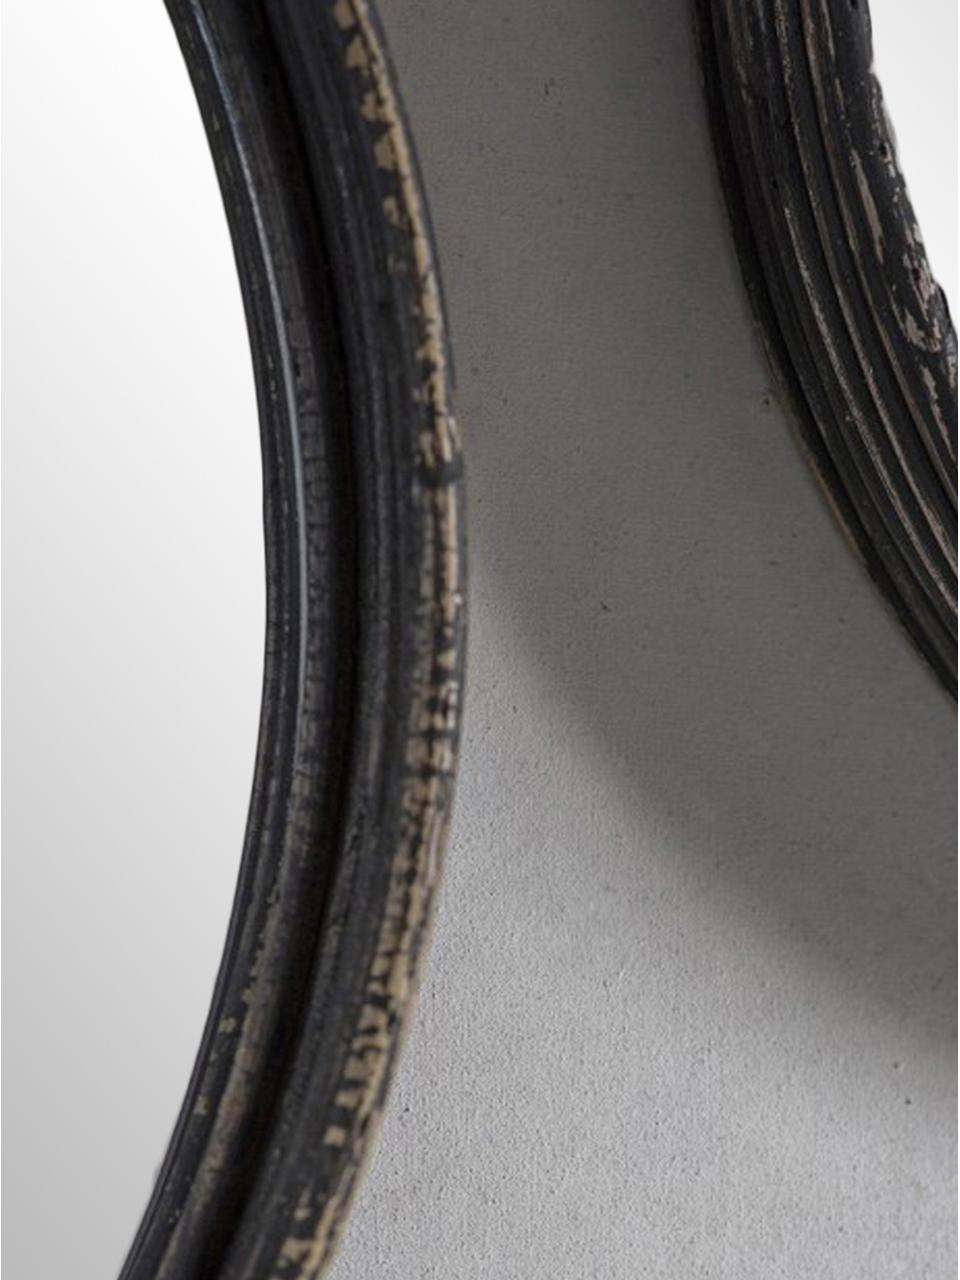 Rundes Wandspiegel-Set Ricos mit Rattanrahmen, 3-tlg., Rahmen: Rattan, beschichtet, Spiegelfläche: Spiegelglas, Dunkelbraun, Schwarz, Sondergrößen